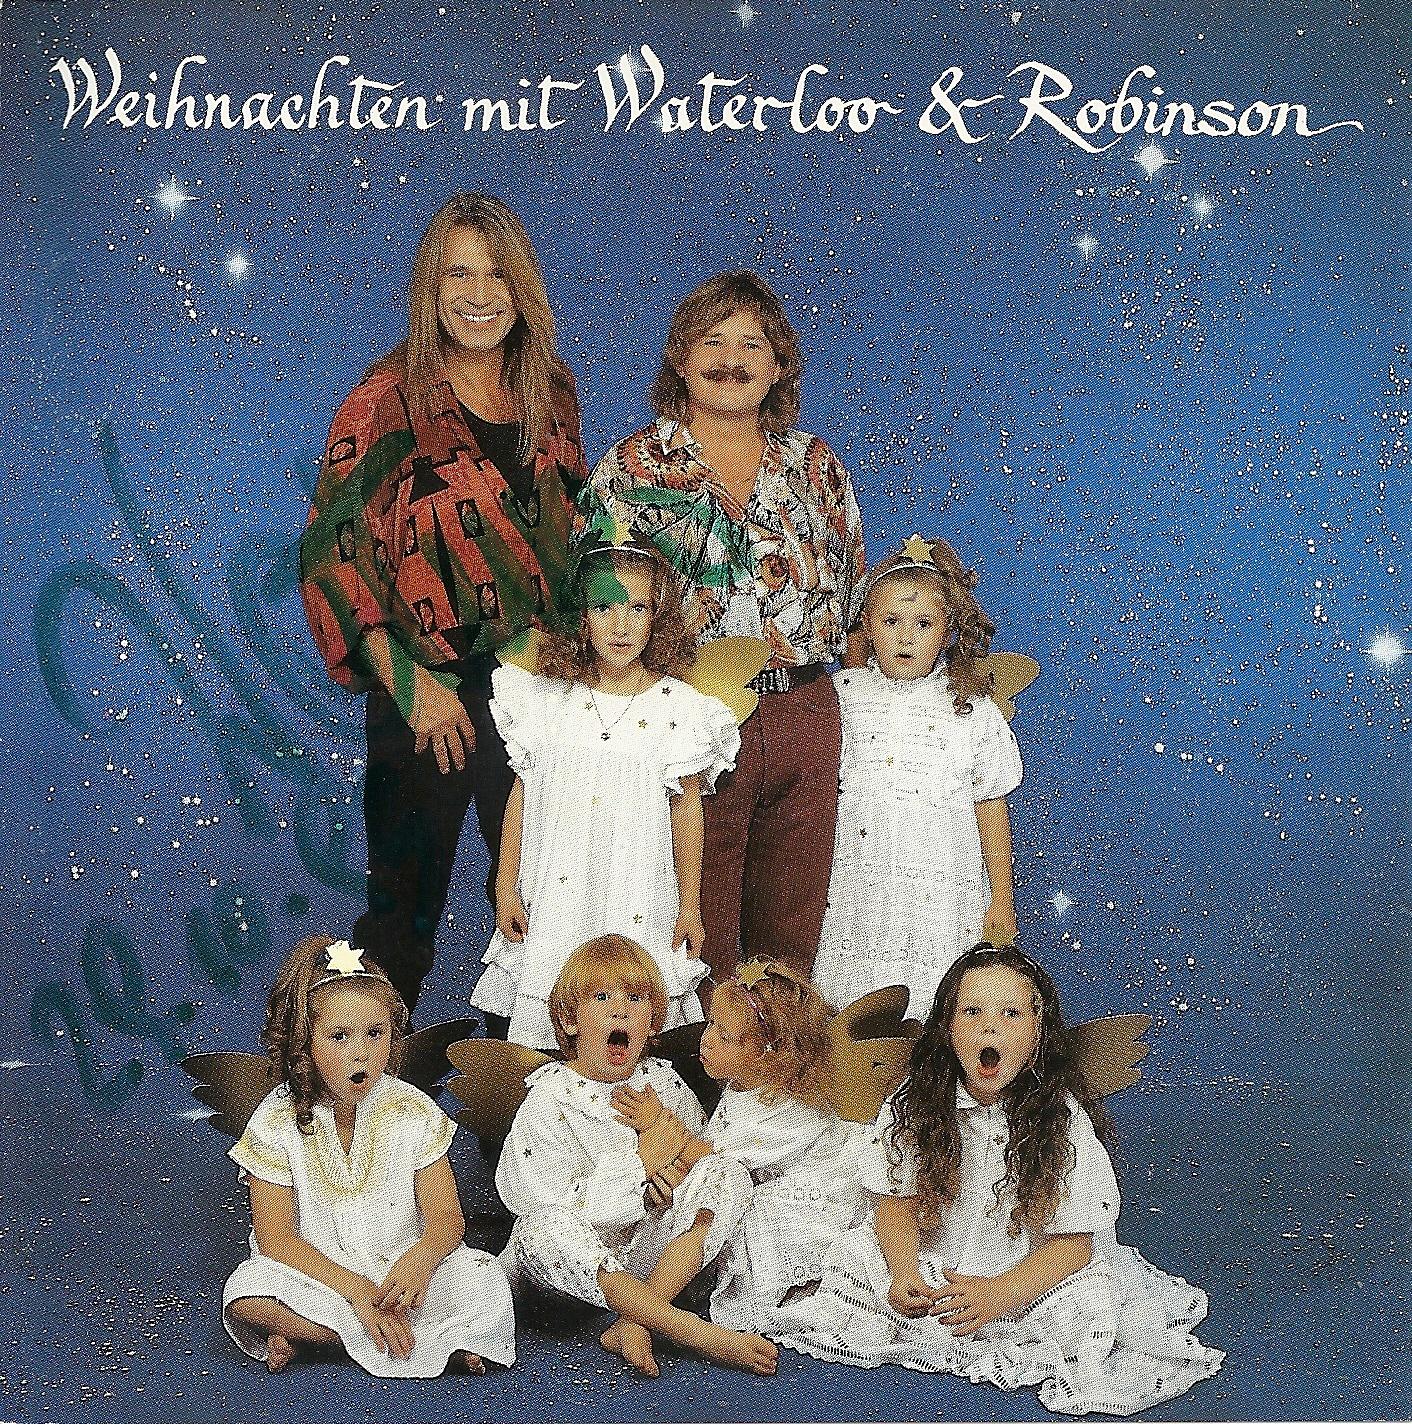 Weihnachten mit Waterloo & Robinson (1992)